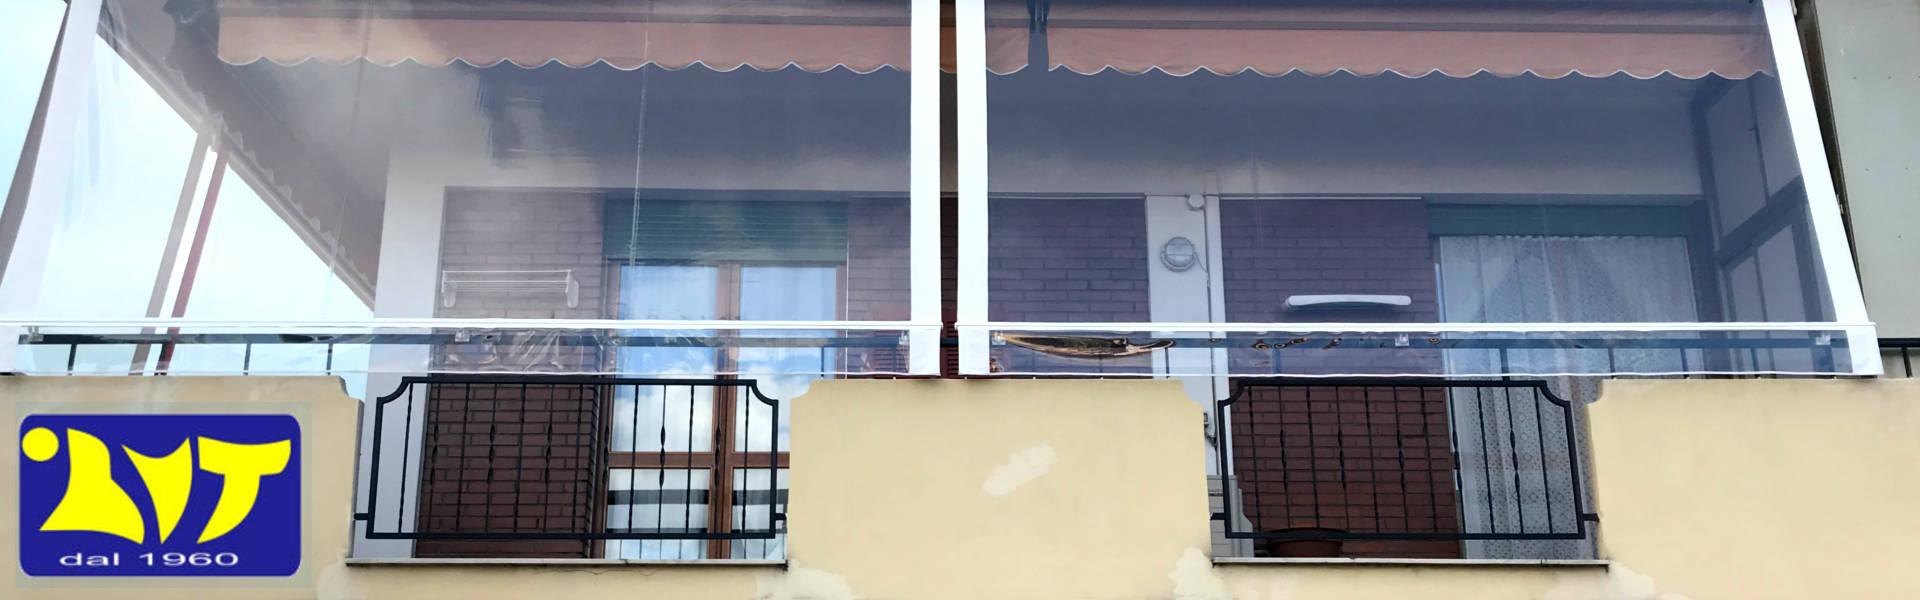 coperture per terrazzi e balconi